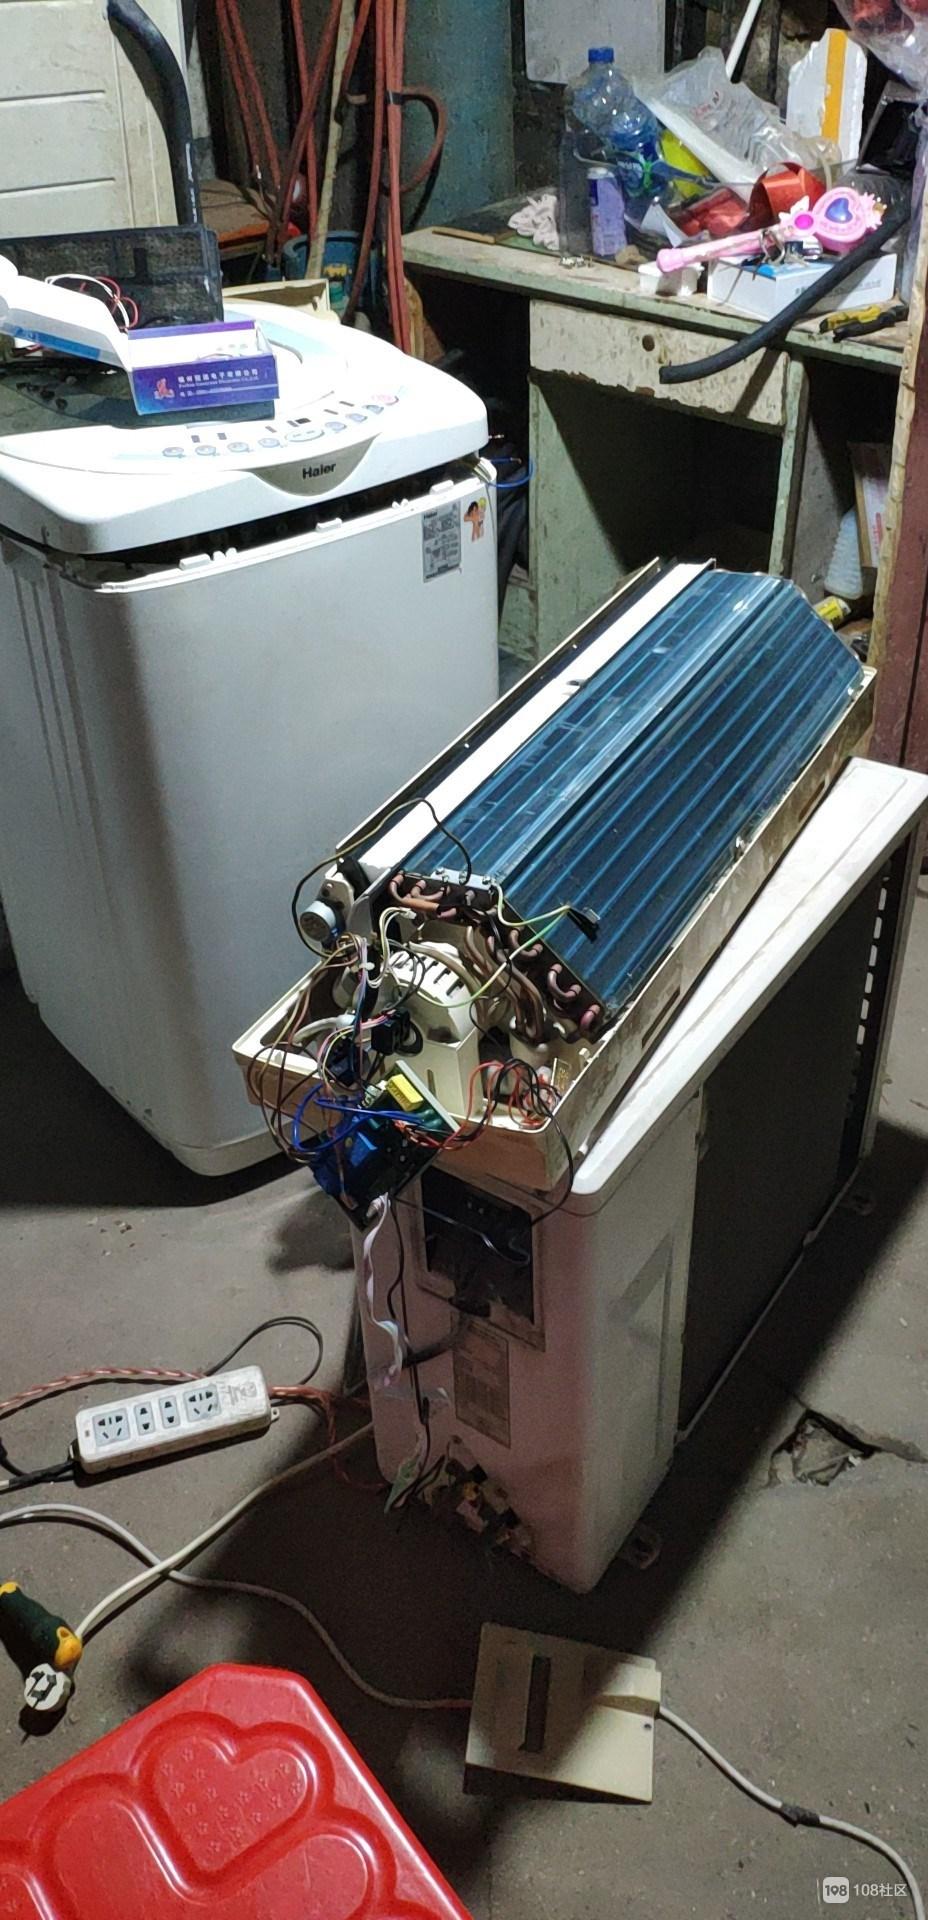 家电维仺e�9i-9�i_单安装挂机空拆装一台1几天,创新家电维师傅市快速维修.